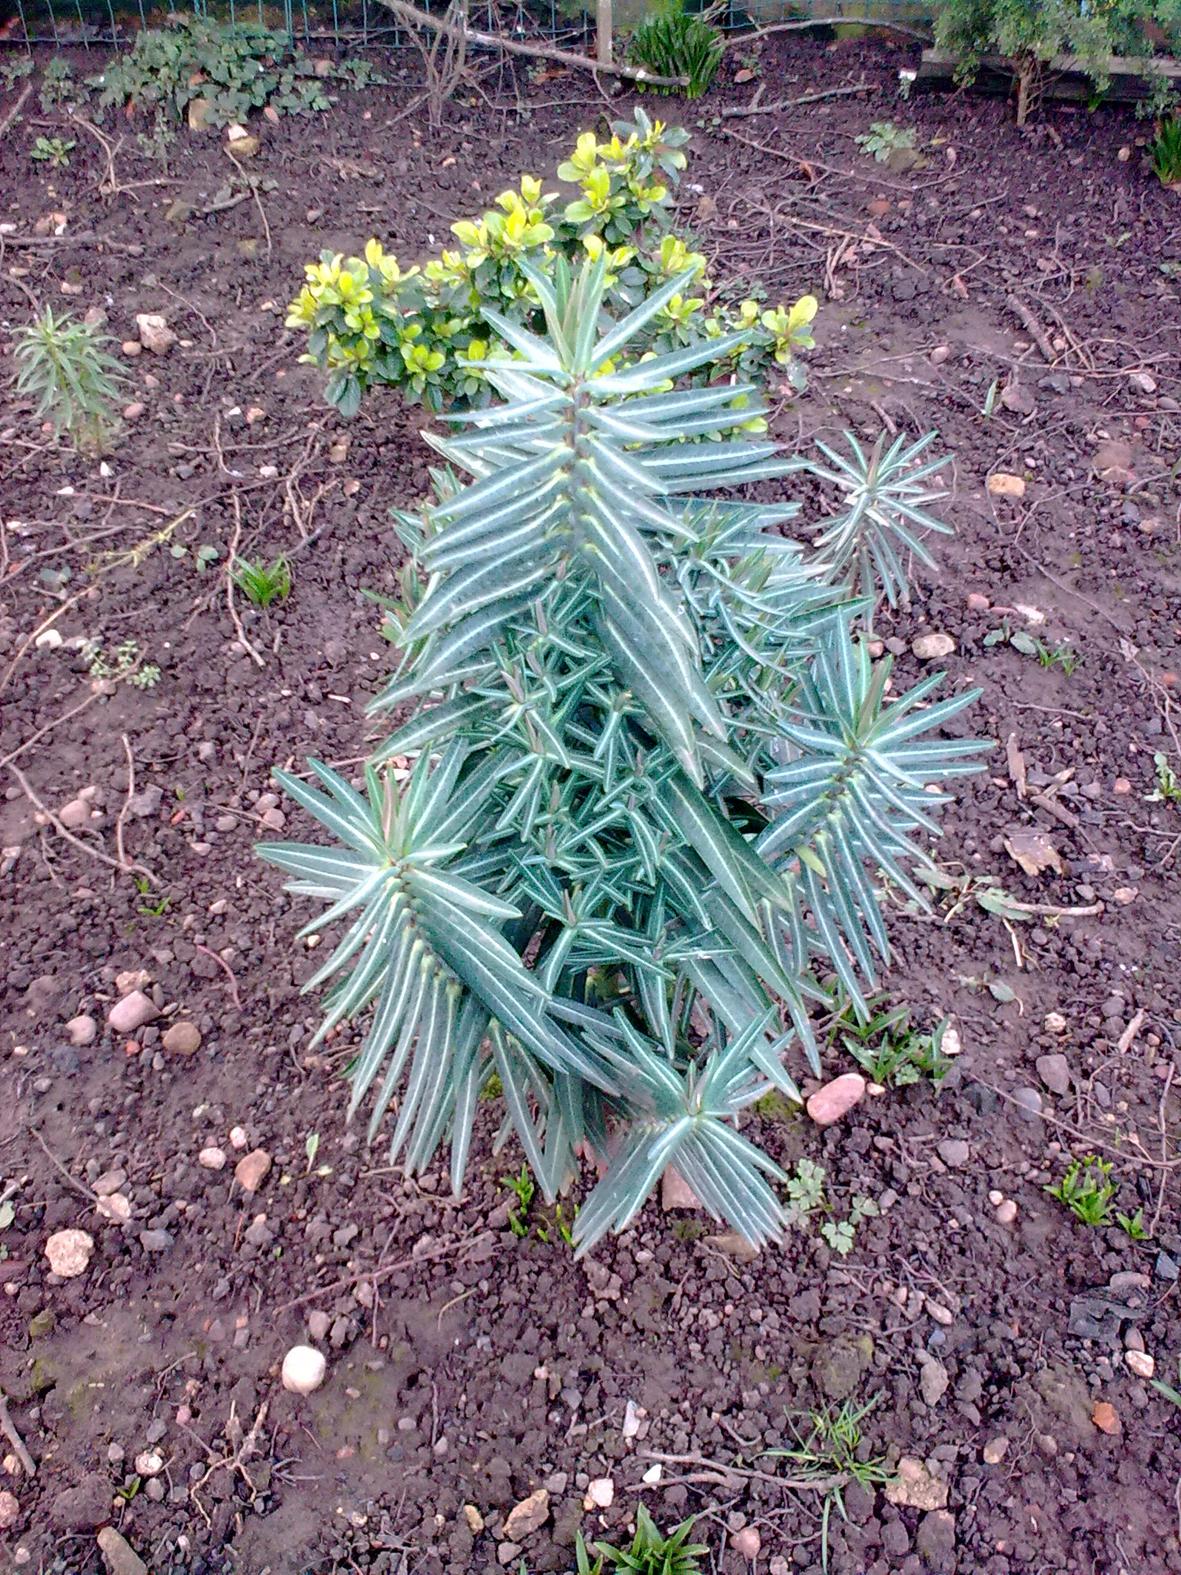 Mole-plant